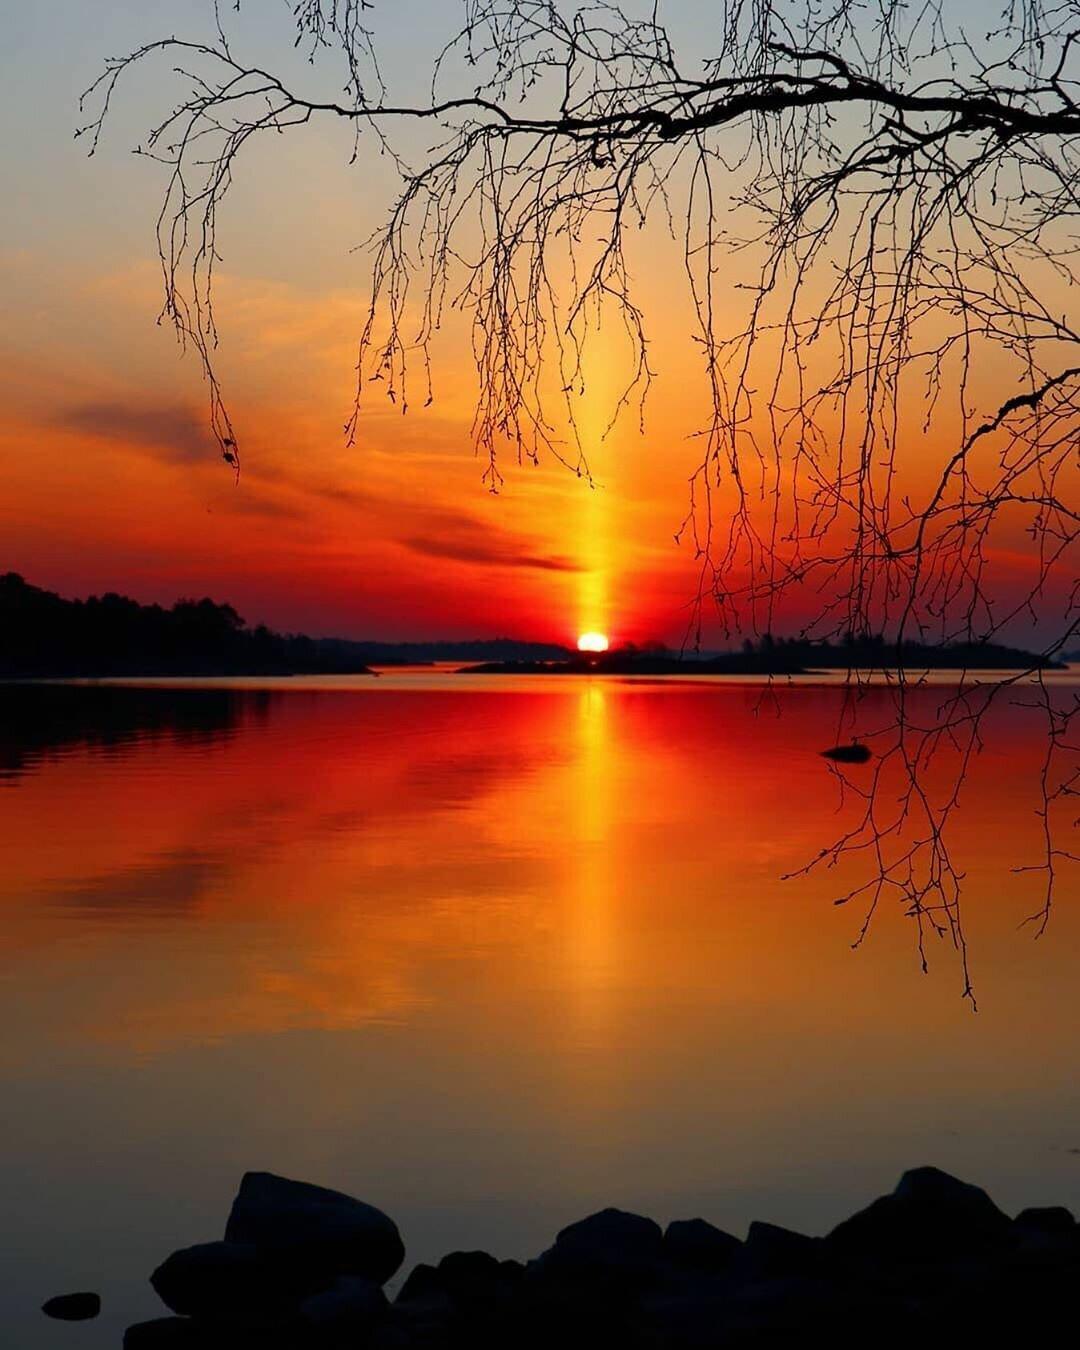 красивый восход закат картинки подобные вопросы